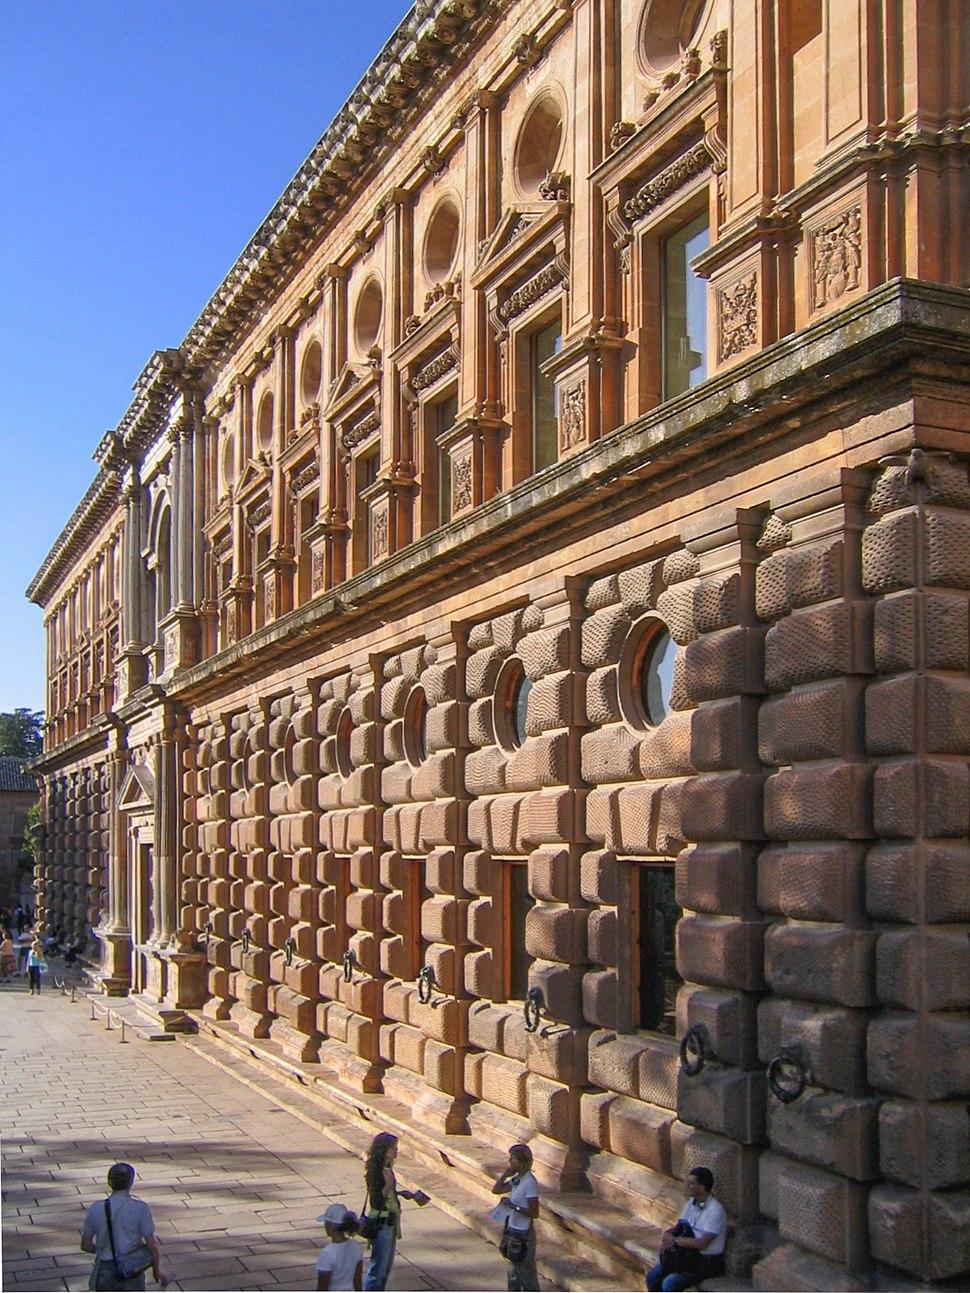 Alhambra-Palacio de Carlos V